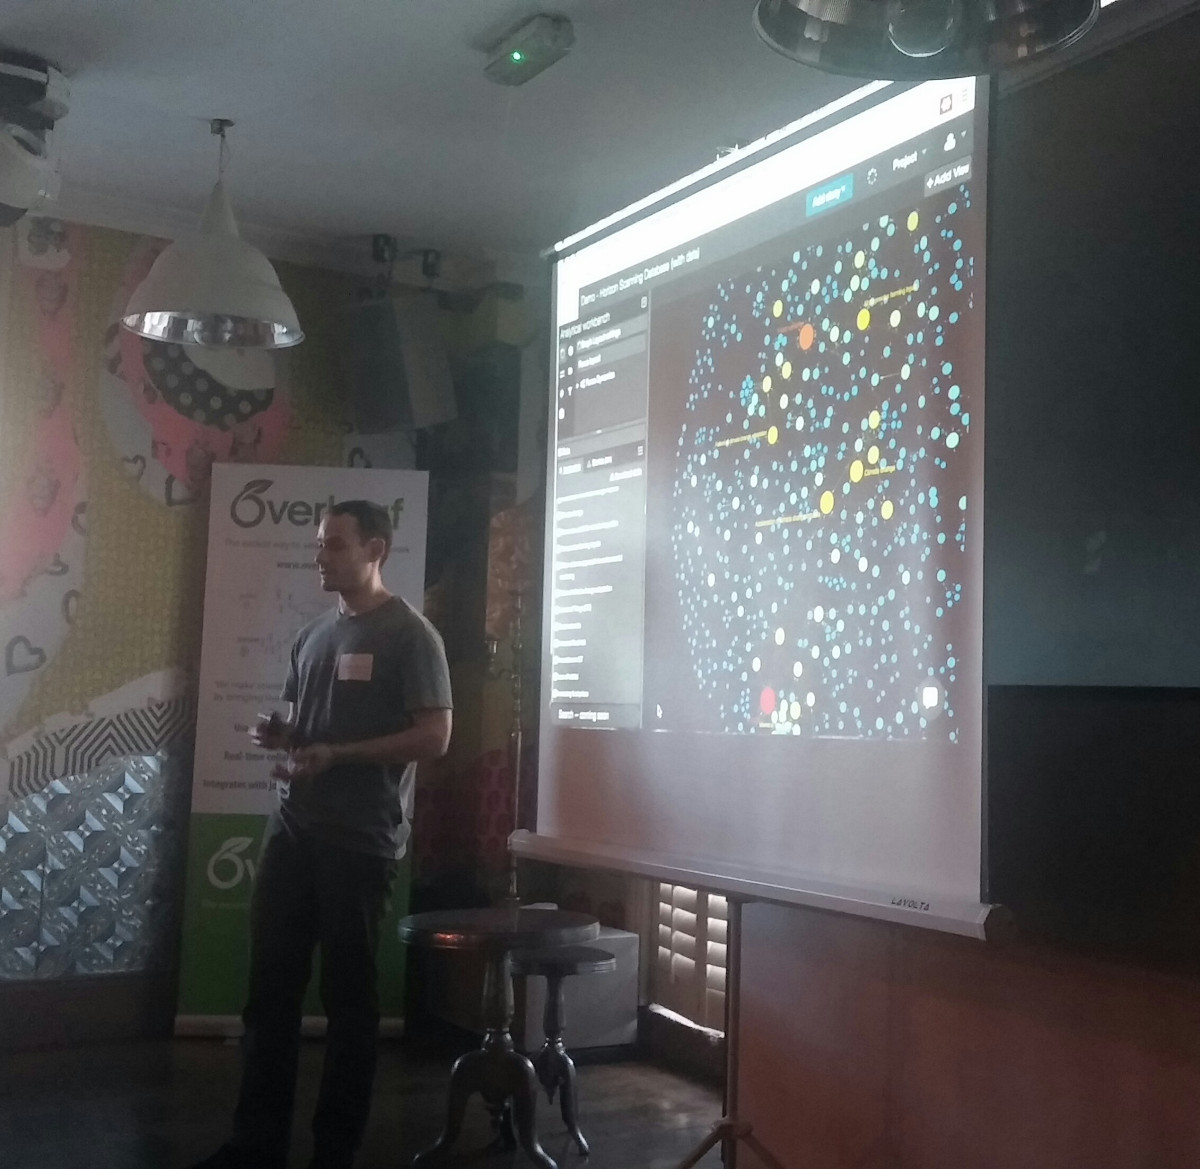 Overleaf futurepub 5 Giorgos Futurescaper demo